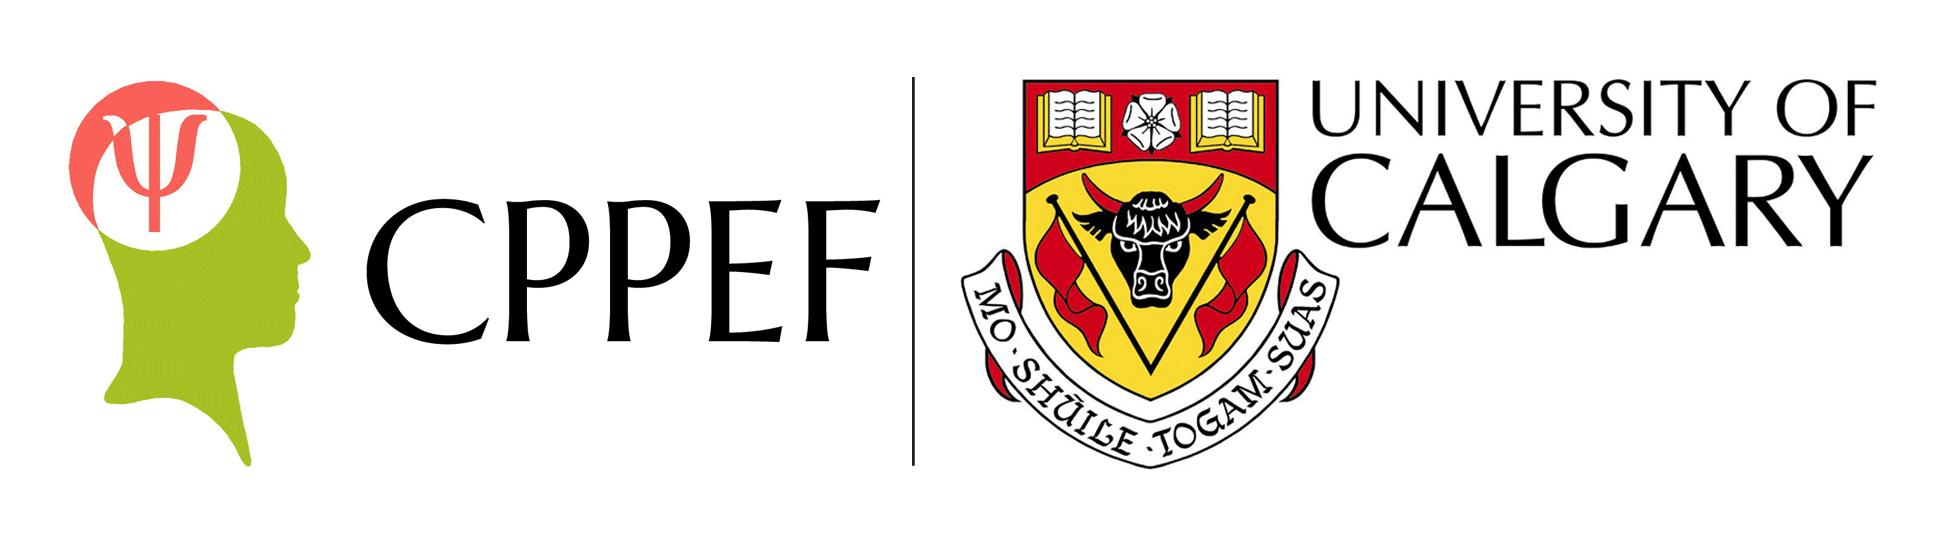 CPPEF-UofC-Dual-logos-V2